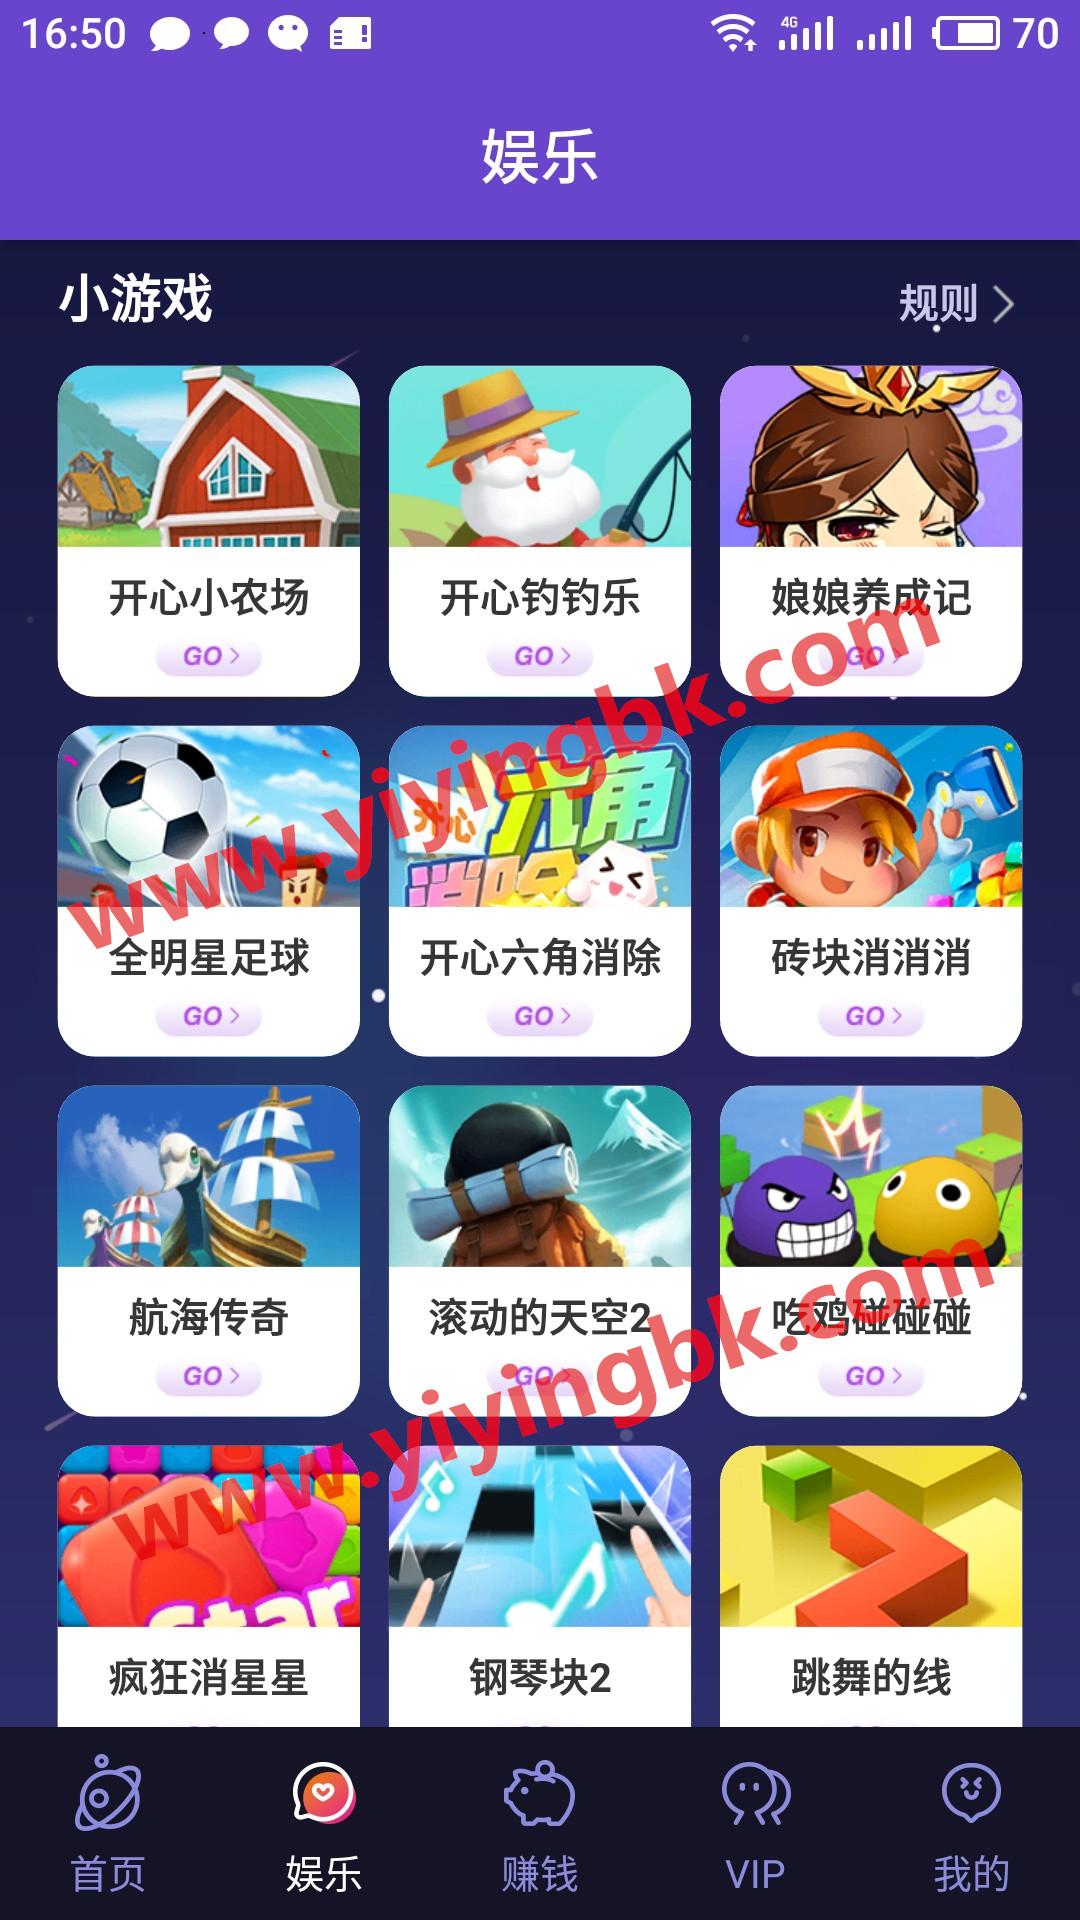 免费玩小游戏领红包赚钱,www.yiyingbk.com